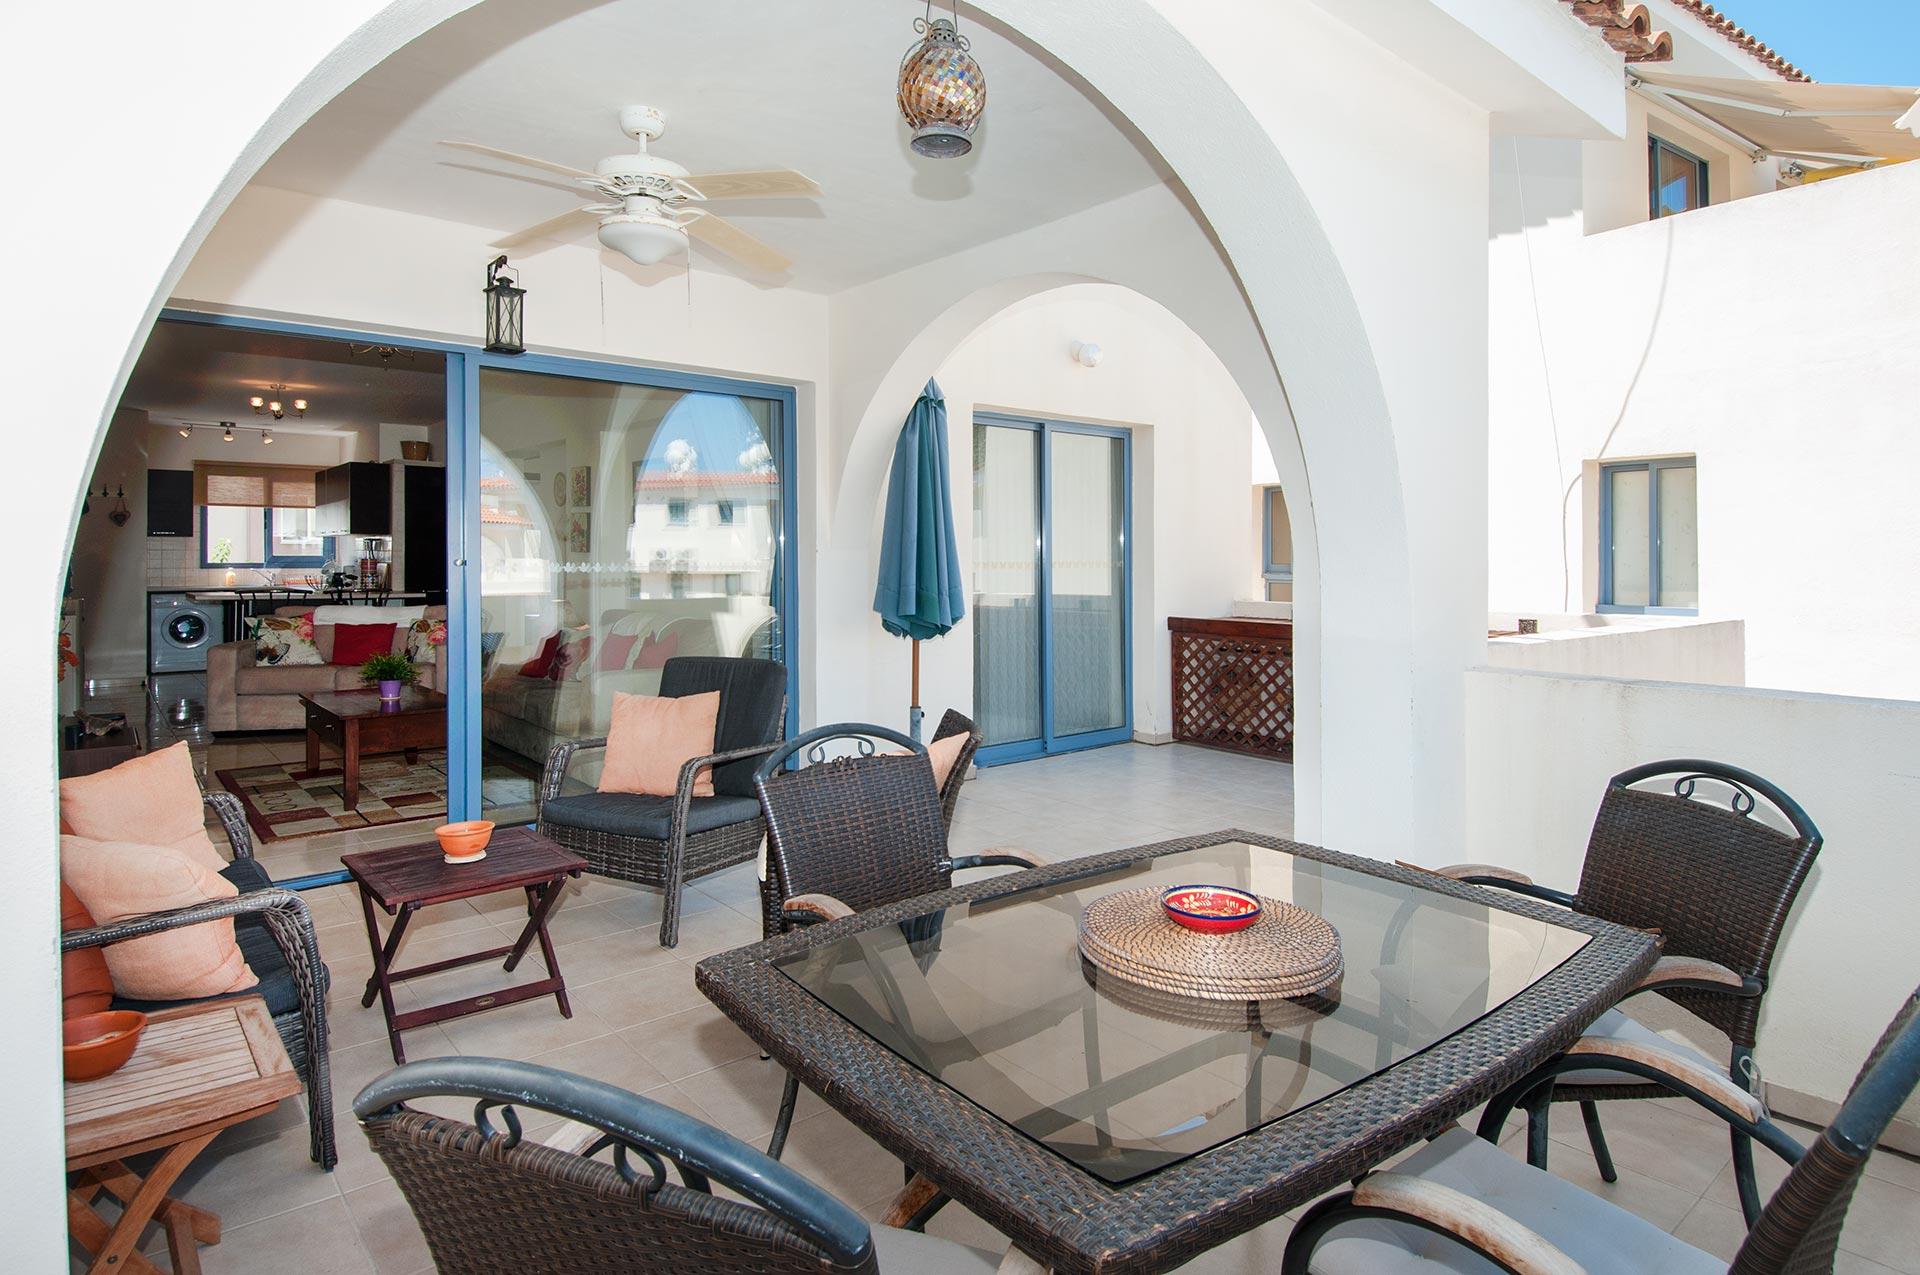 Abitare Apartment for Sale